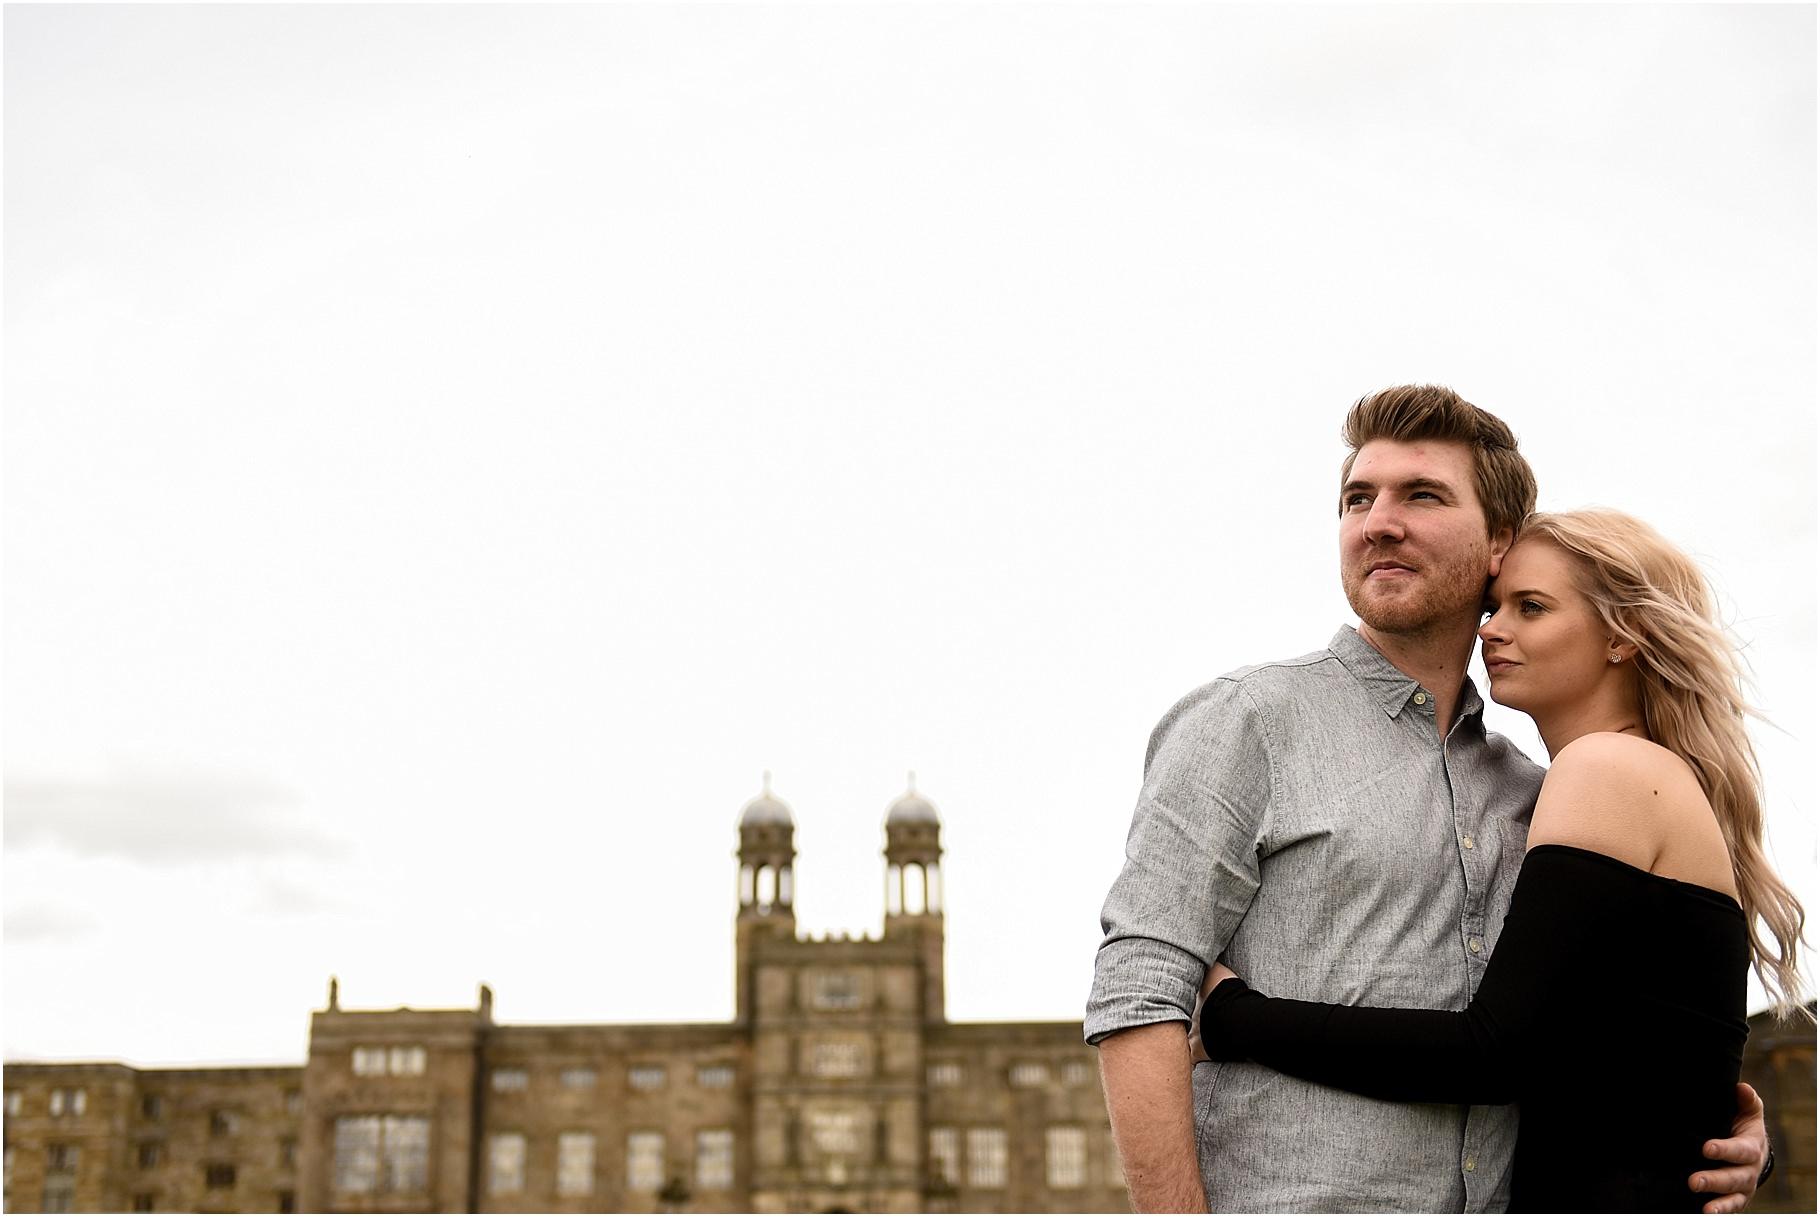 stonyhurst-college-engagement-34.jpg